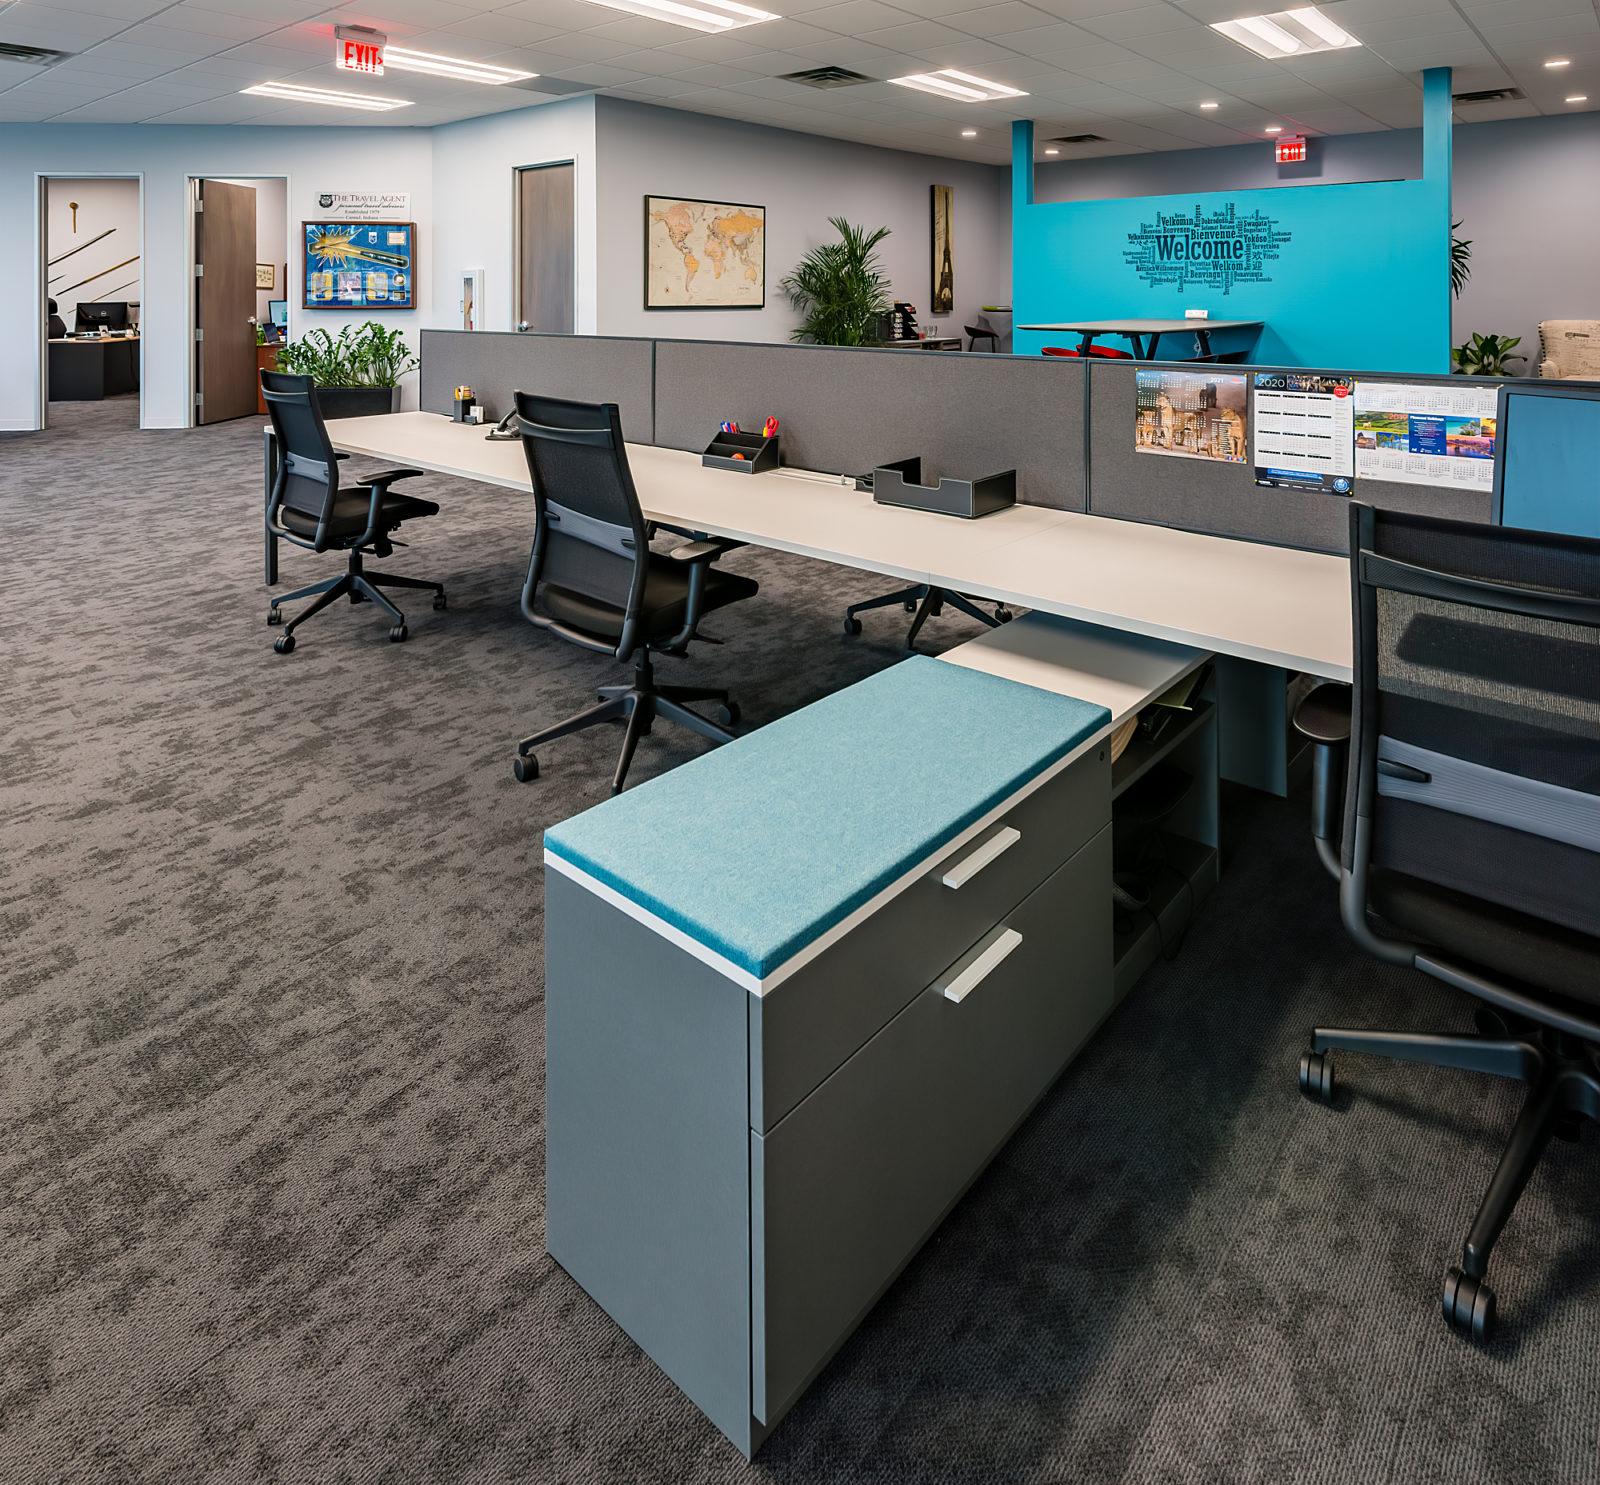 Travel Agent office renovation, desk workstations